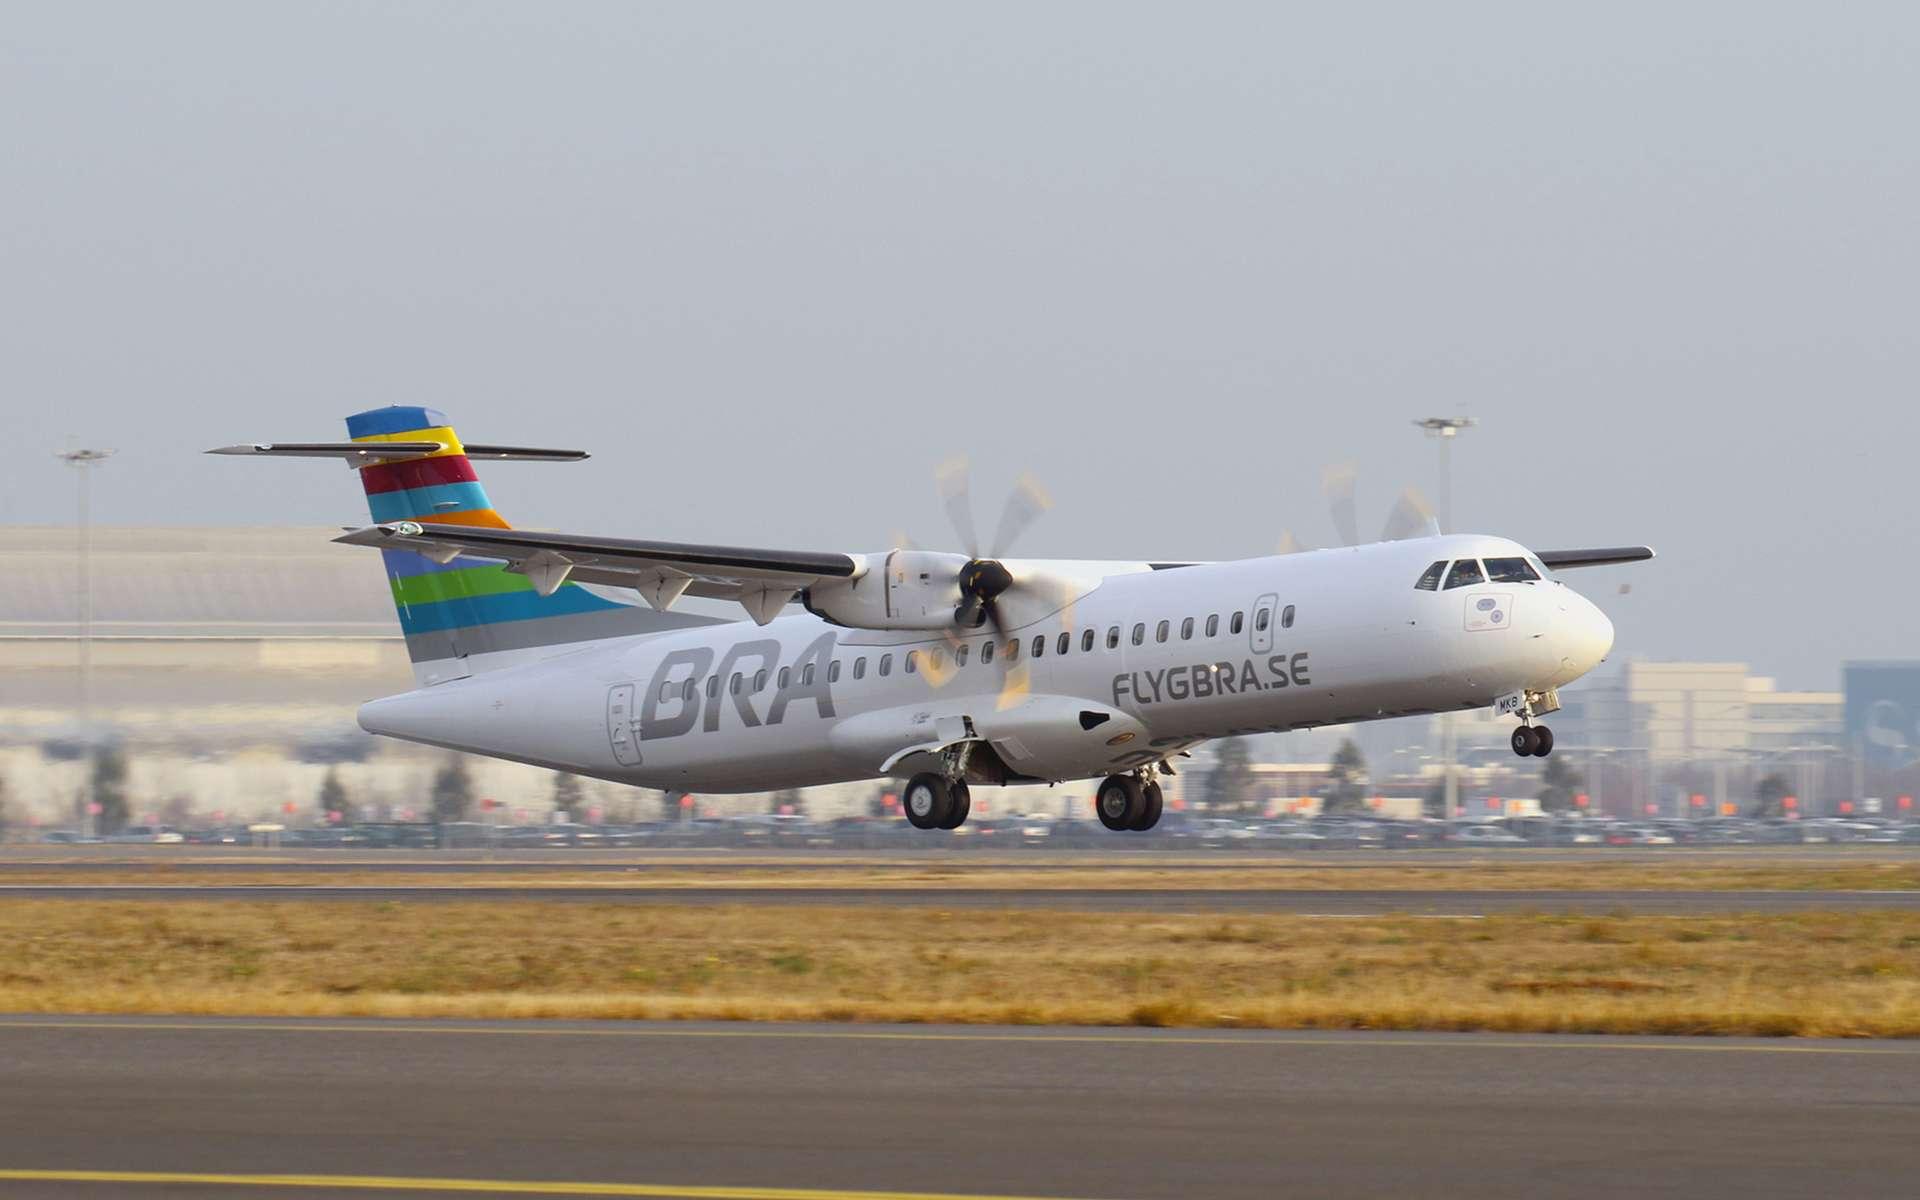 L'ATR 72-600 de la compagnie aérienne BRA qui a réalisé un « vol commercial parfait » démontrant que l'aviation peut réduire son impact négatif sur l'environnement. © Braathens Regional Airlines (BRA)